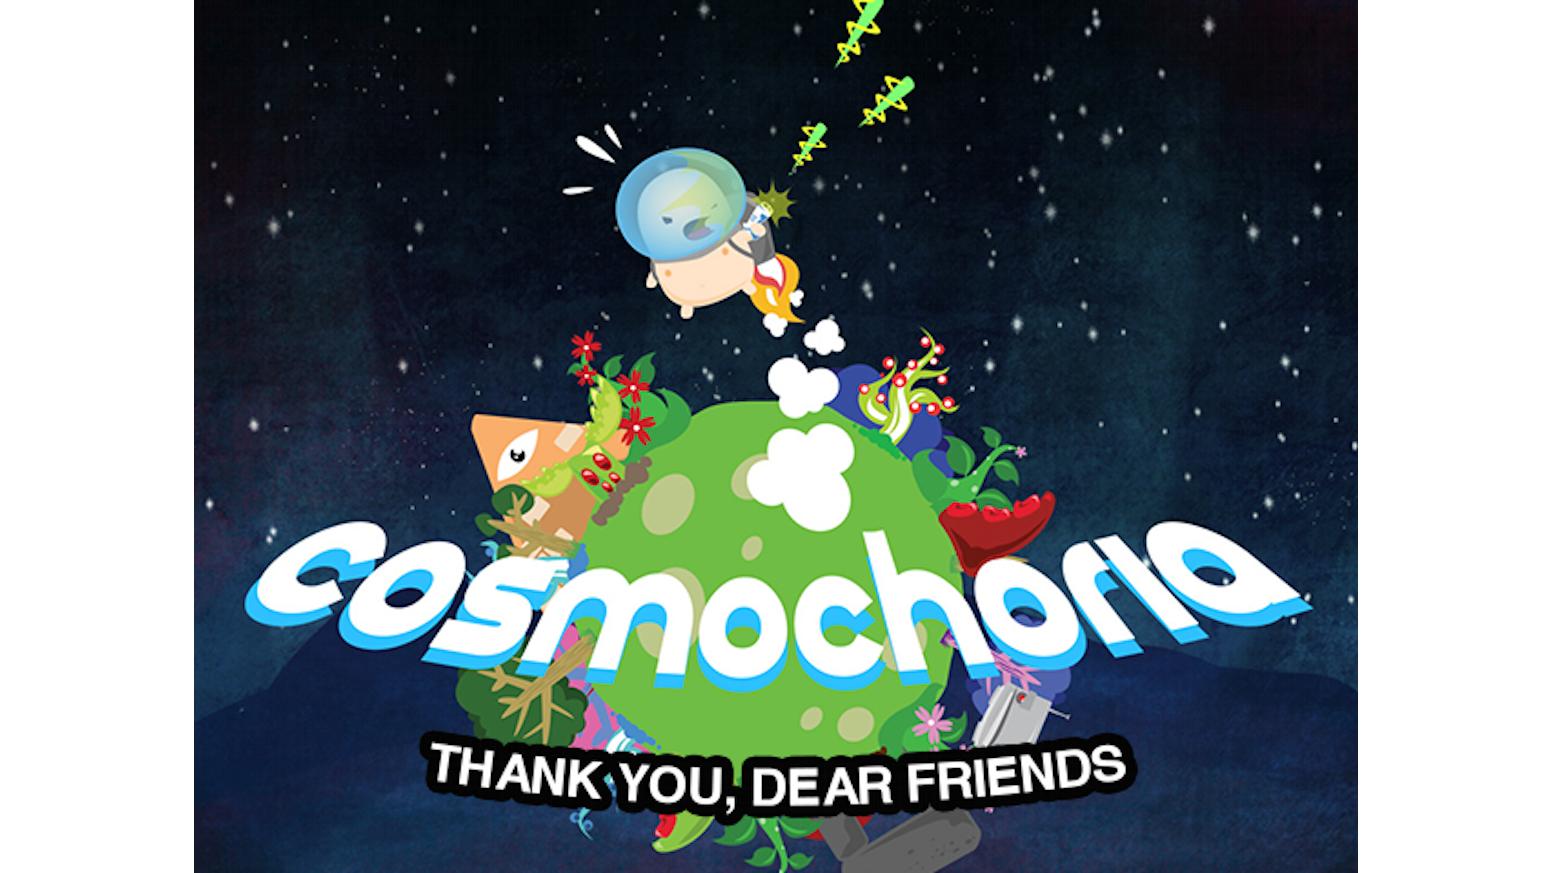 Cosmochoria by Nate Schmold — Kickstarter